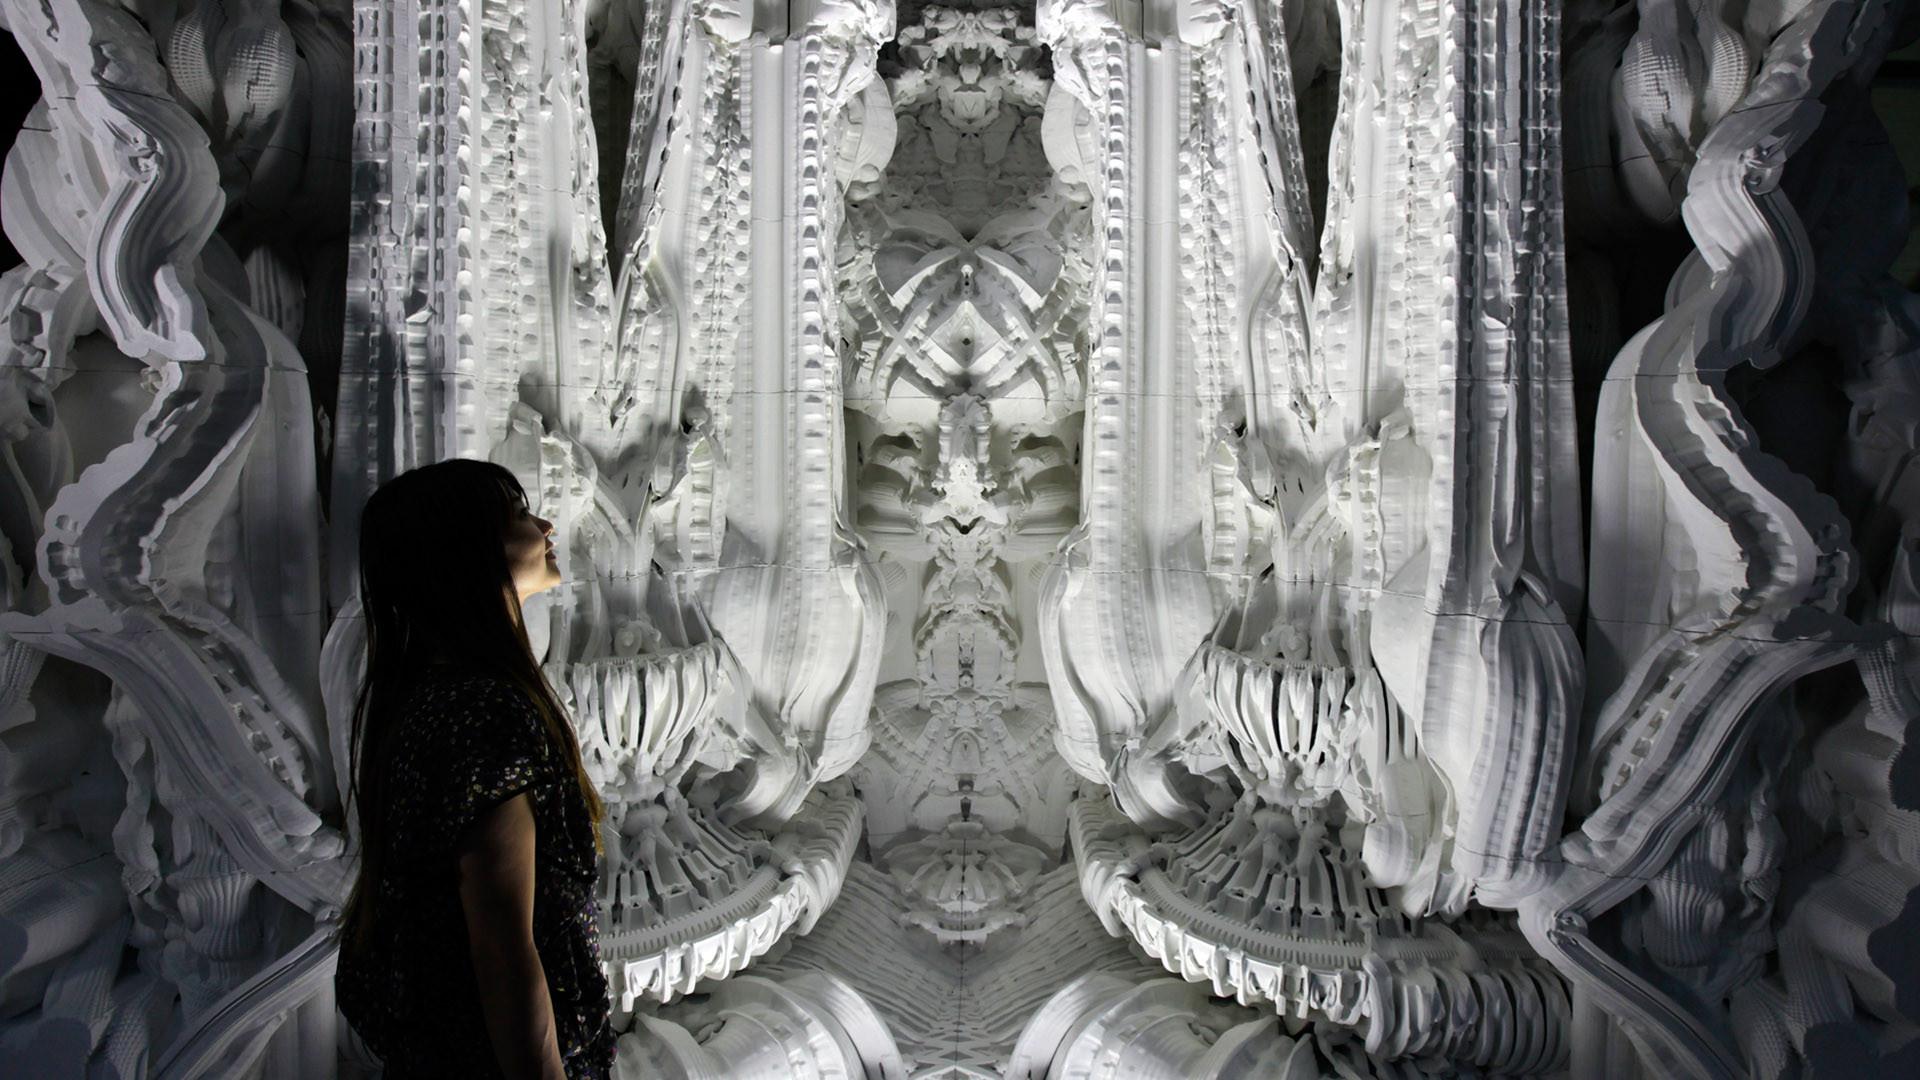 Arquitectura Impresa / Digital Grotesque